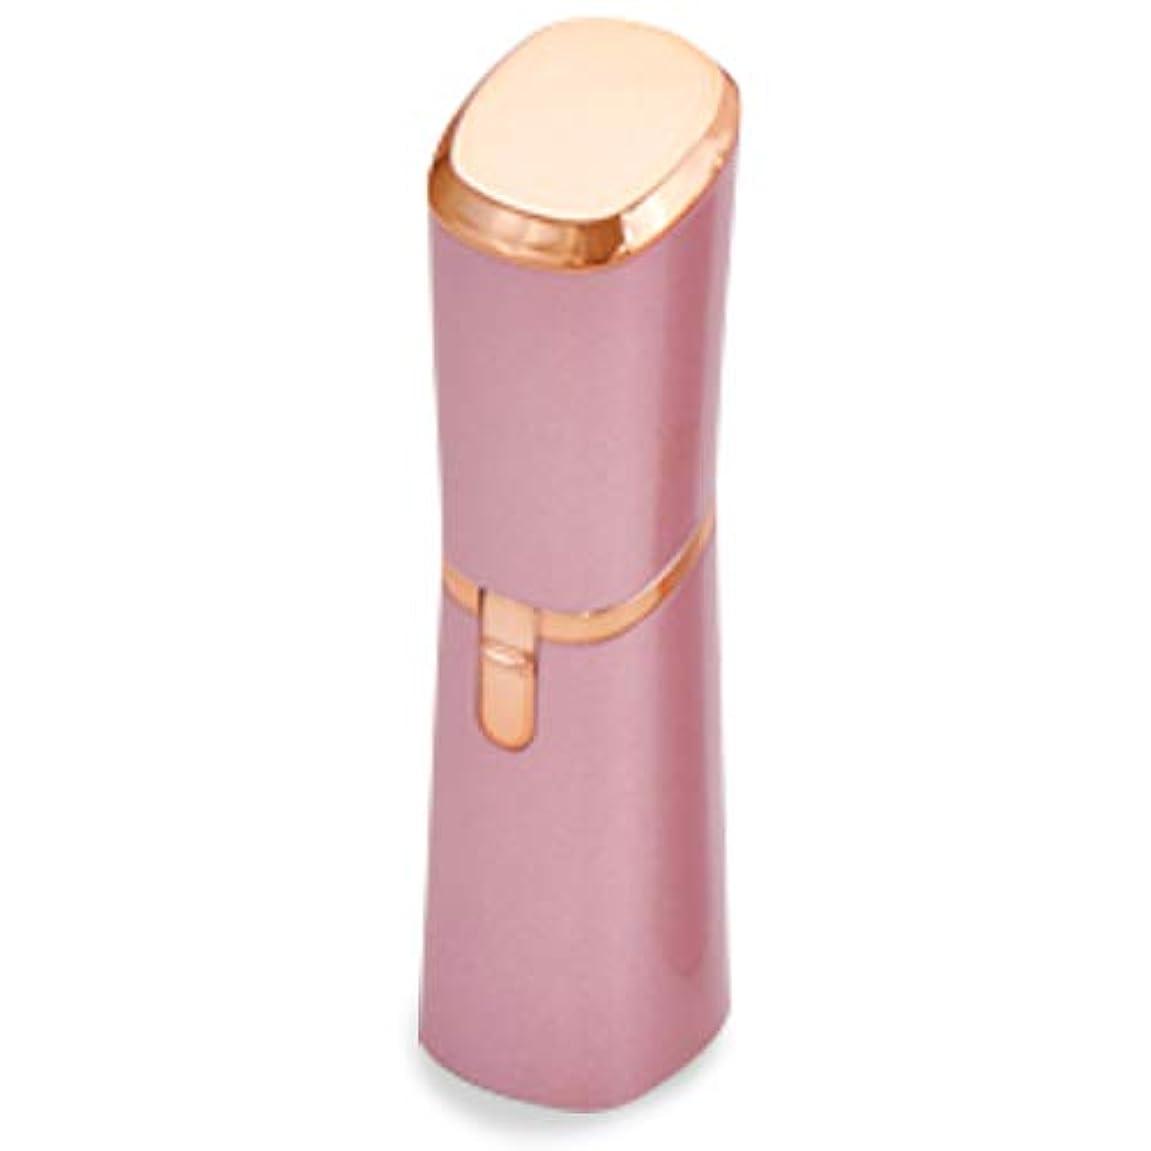 メタリック運賃一時的リップスティック型シェーバー Sorouge(ソルージュ) ピンク